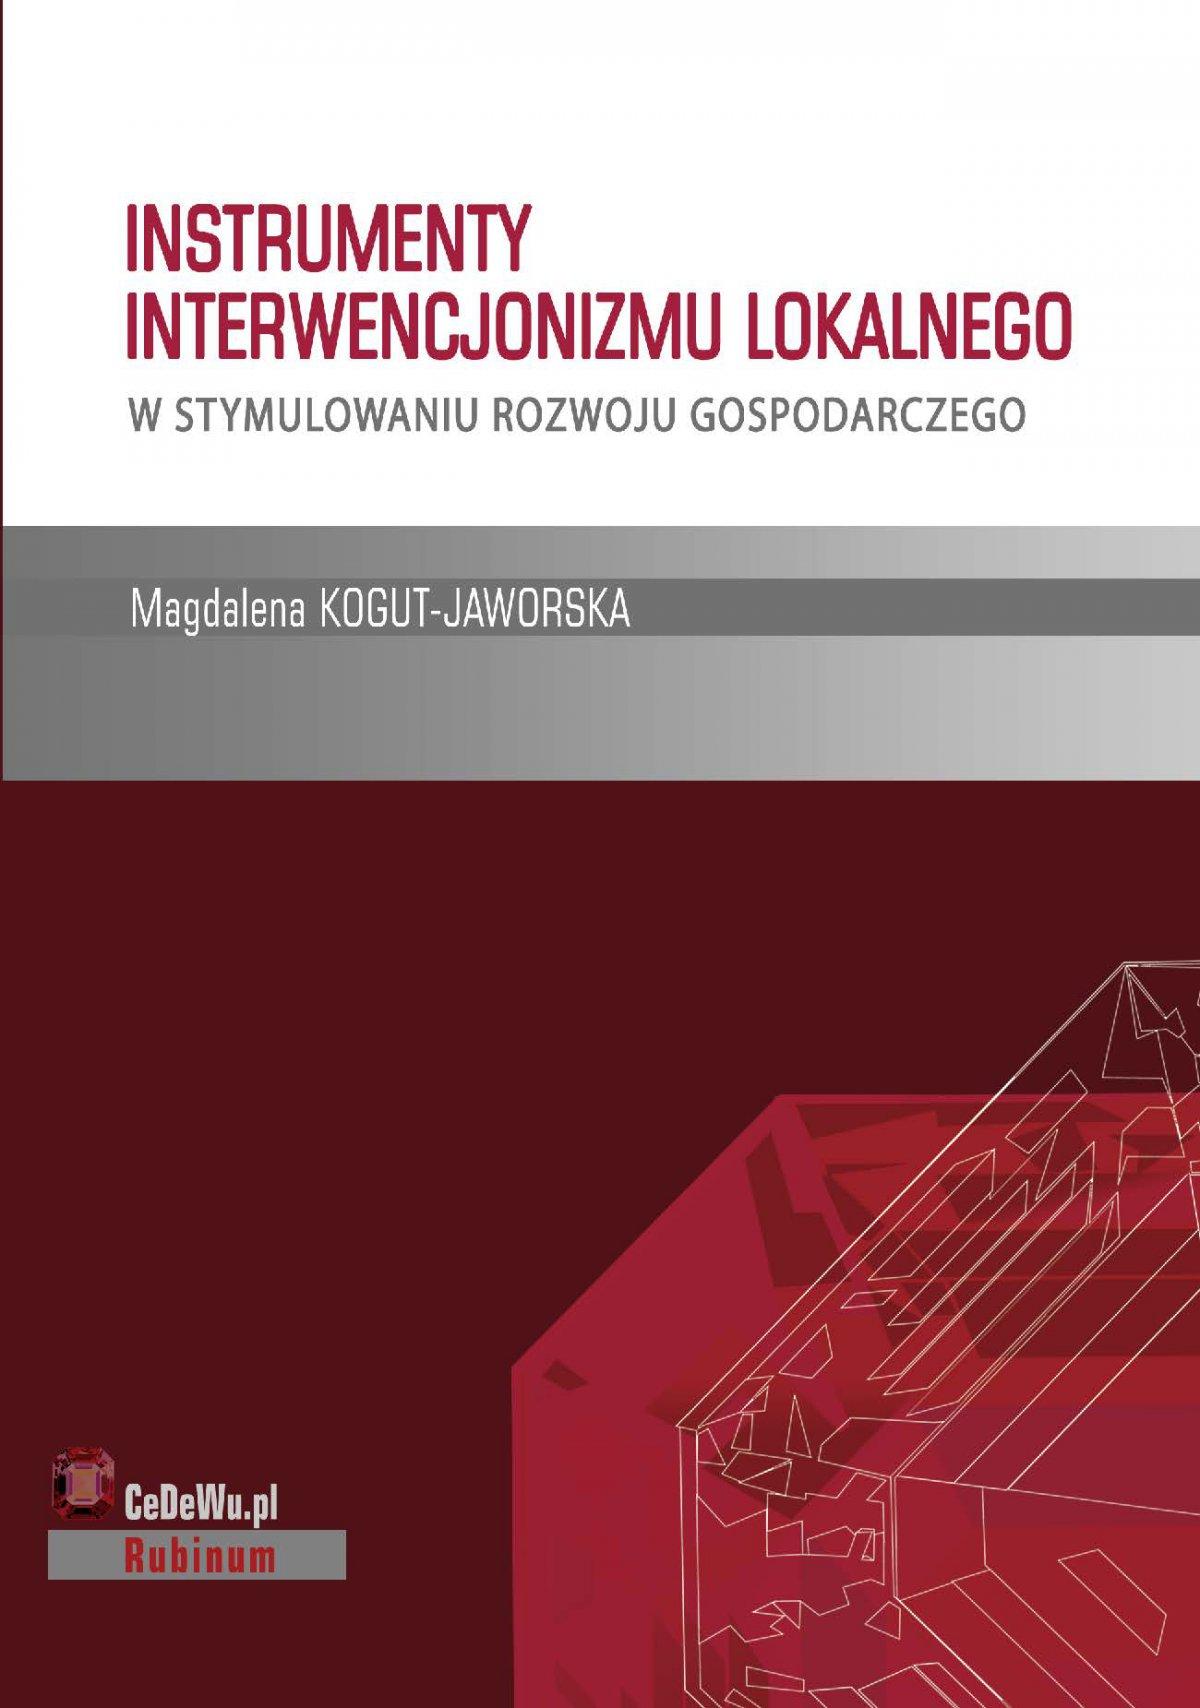 Instrumenty interwencjonizmu lokalnego w stymulowaniu rozwoju gospodarczego. Rozdział 3. FORMY FINANSOWANIA PRZEZ KAPITAŁ PRYWATNY PROJEKTÓW INFRASTRUKTURALNYCH NA ZASADACH PROJECT FINANCE - Ebook (Książka PDF) do pobrania w formacie PDF